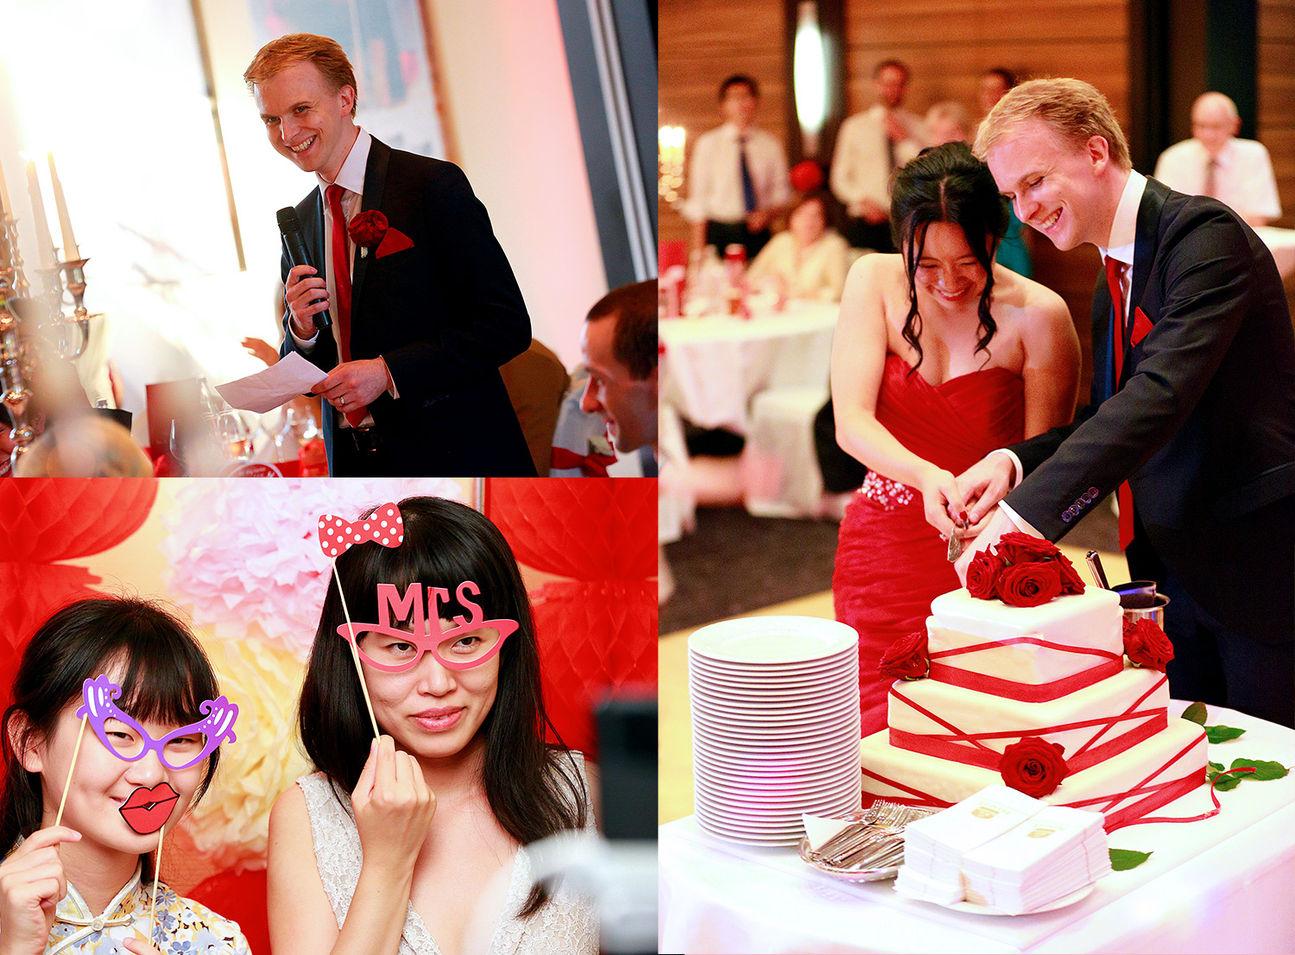 Eure Hochzeitsfeier Stimmungsvoll Und Atmospharisch Jan Braun